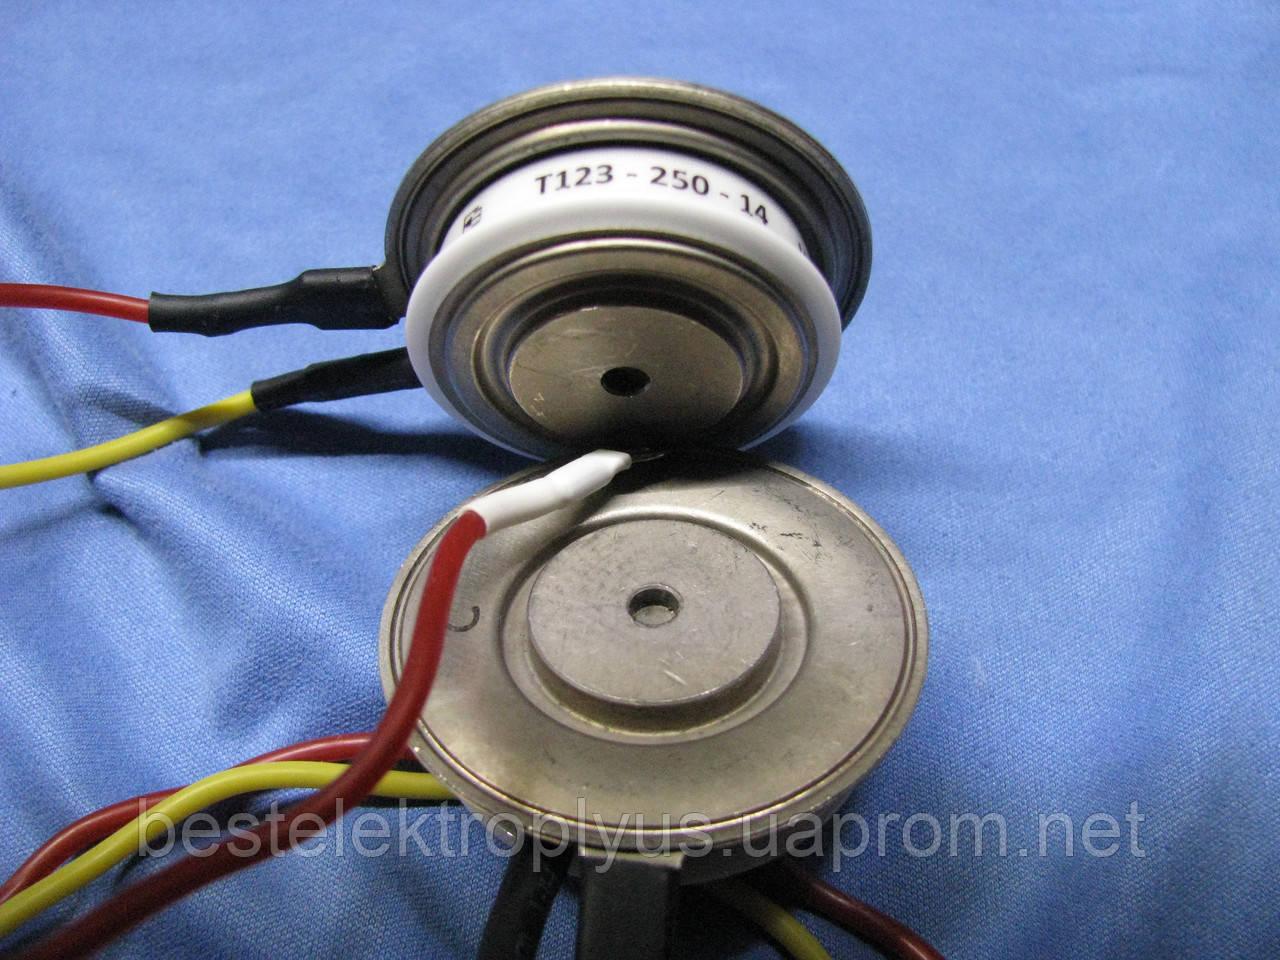 Тиристор Т123-250-14